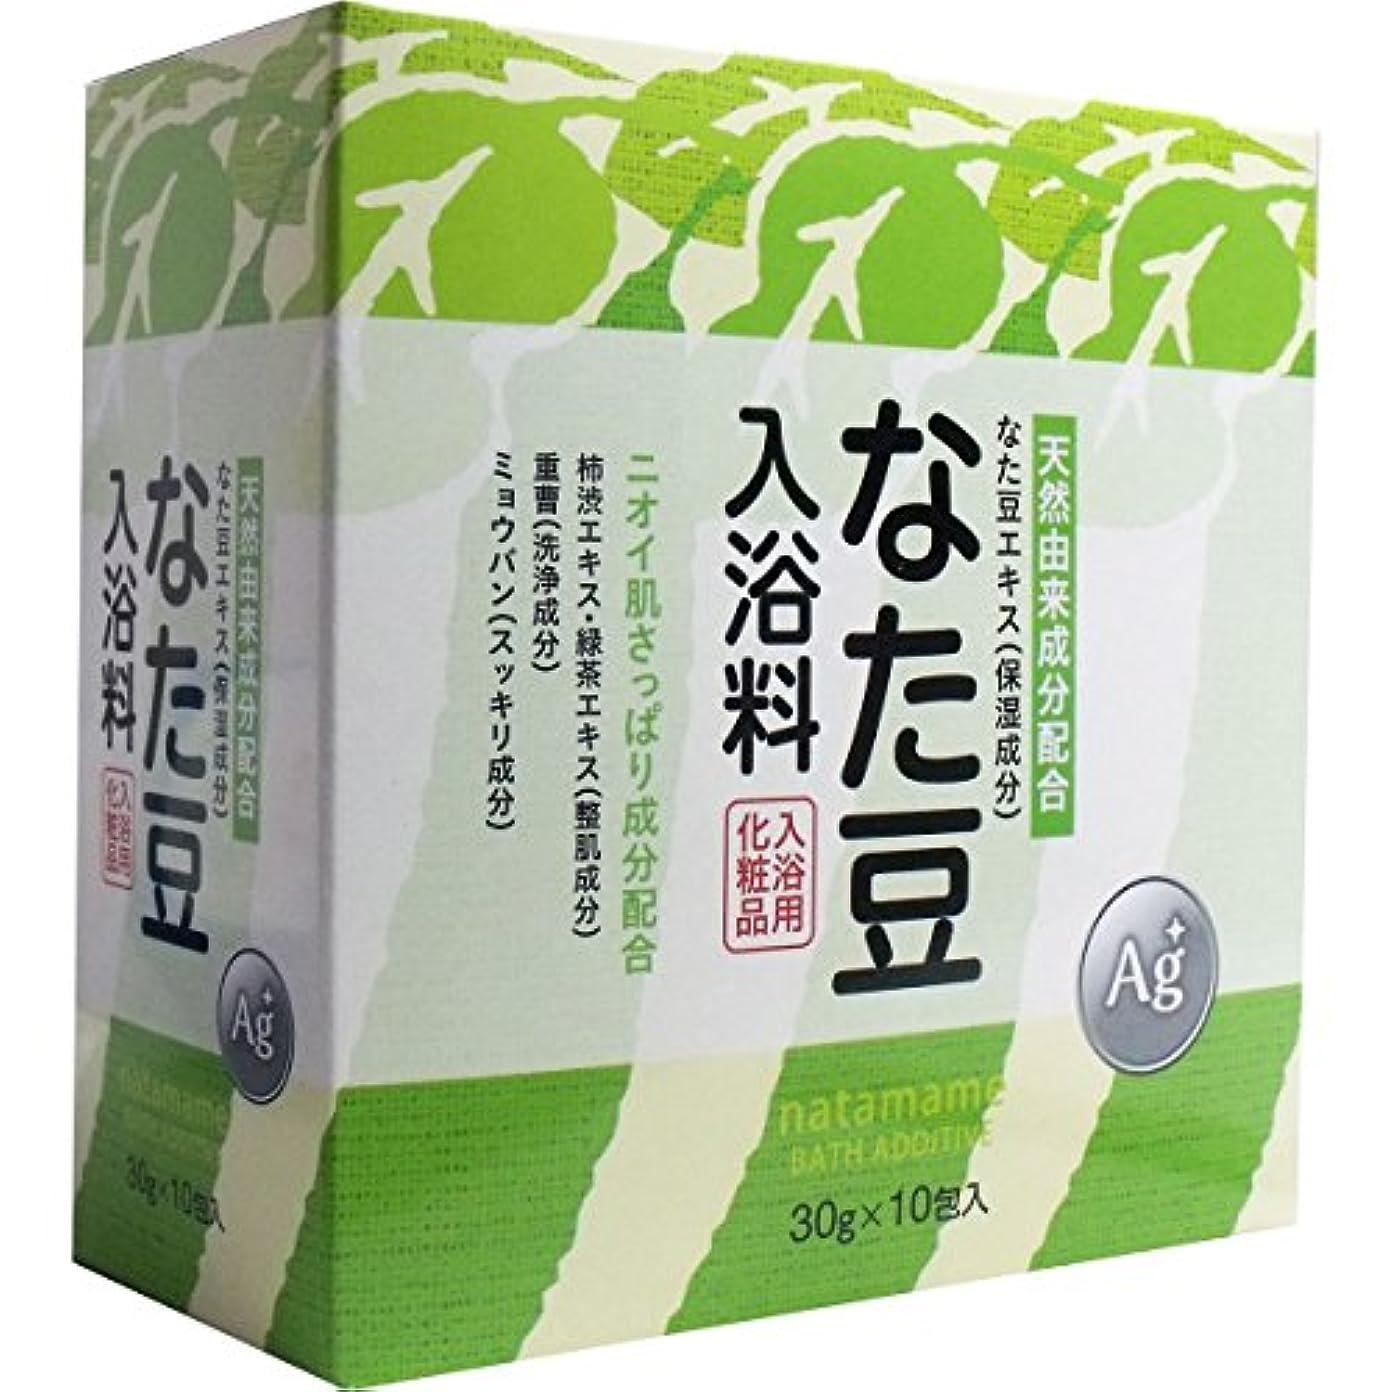 多様体肺鹿なた豆入浴料 入浴用化粧品 30g×10包入×9